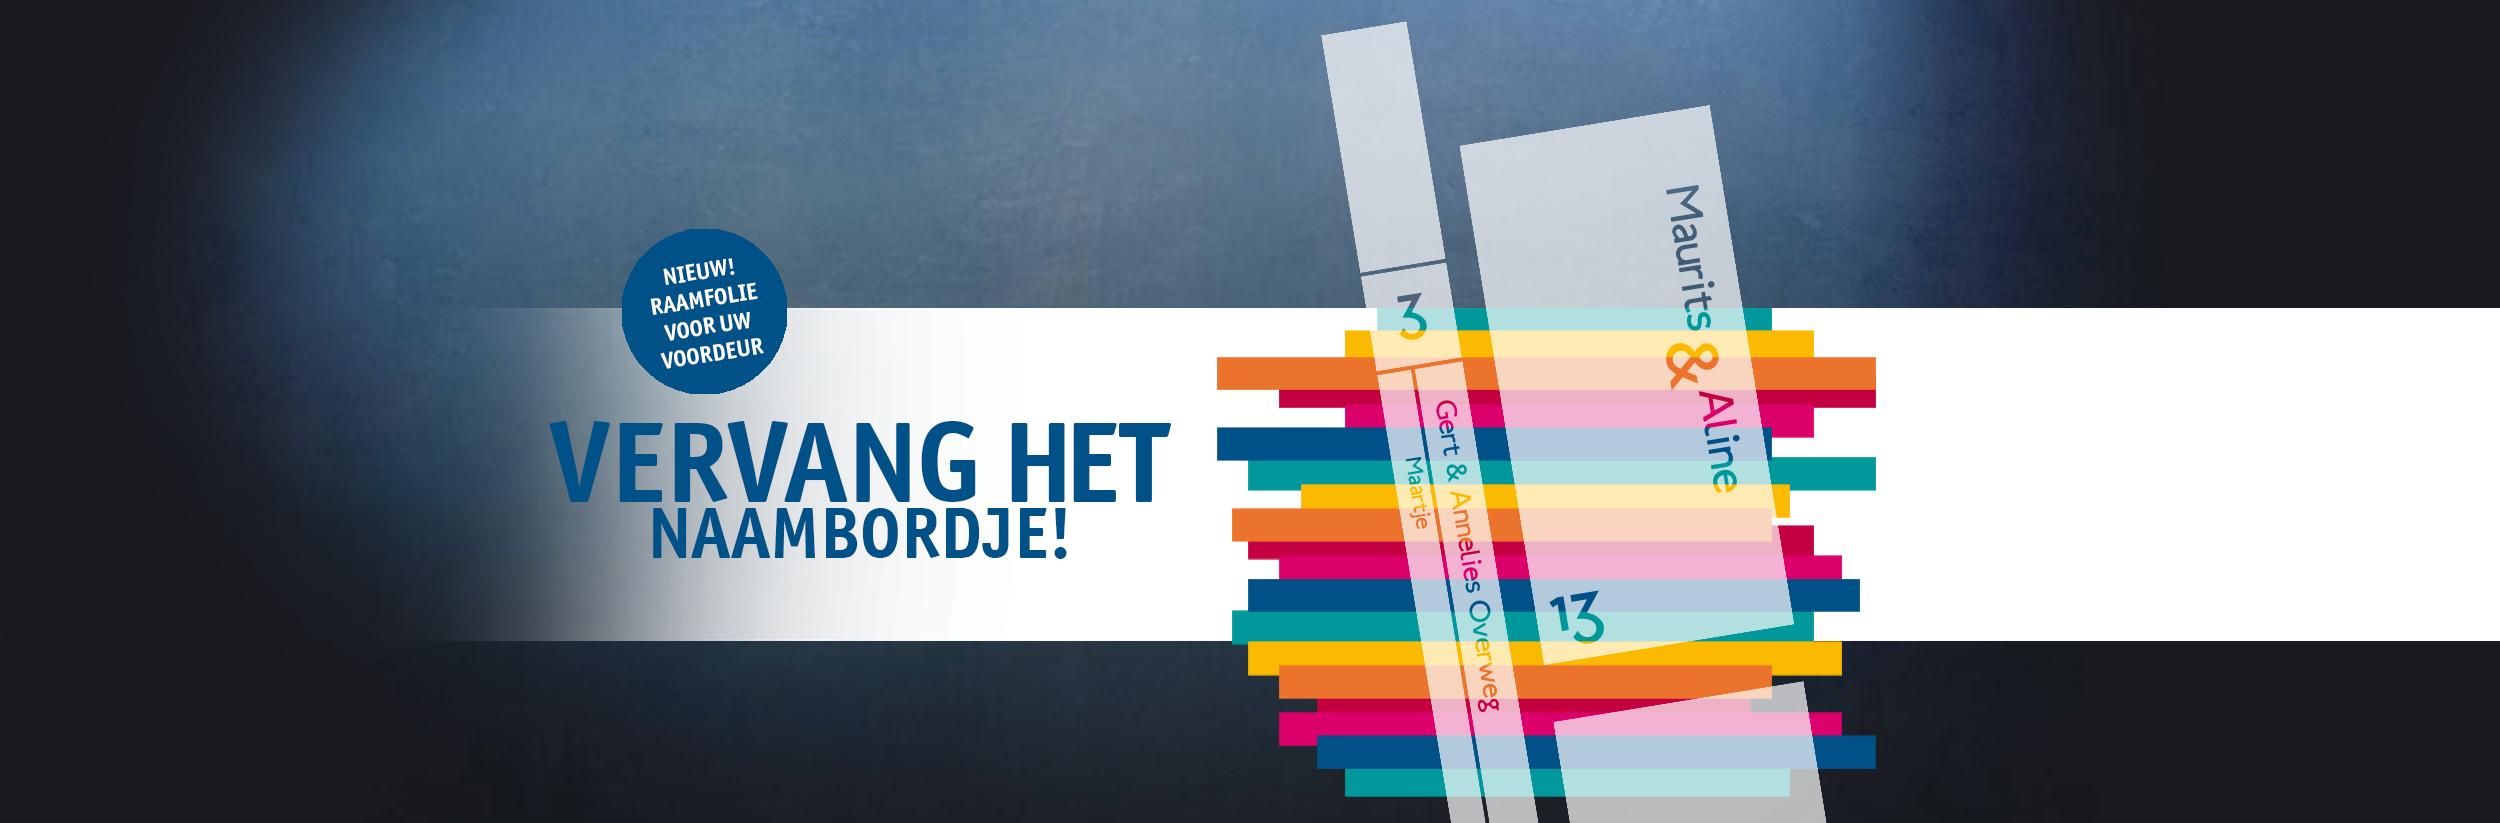 prezies-ontwerp-hardenberg-raamfolie